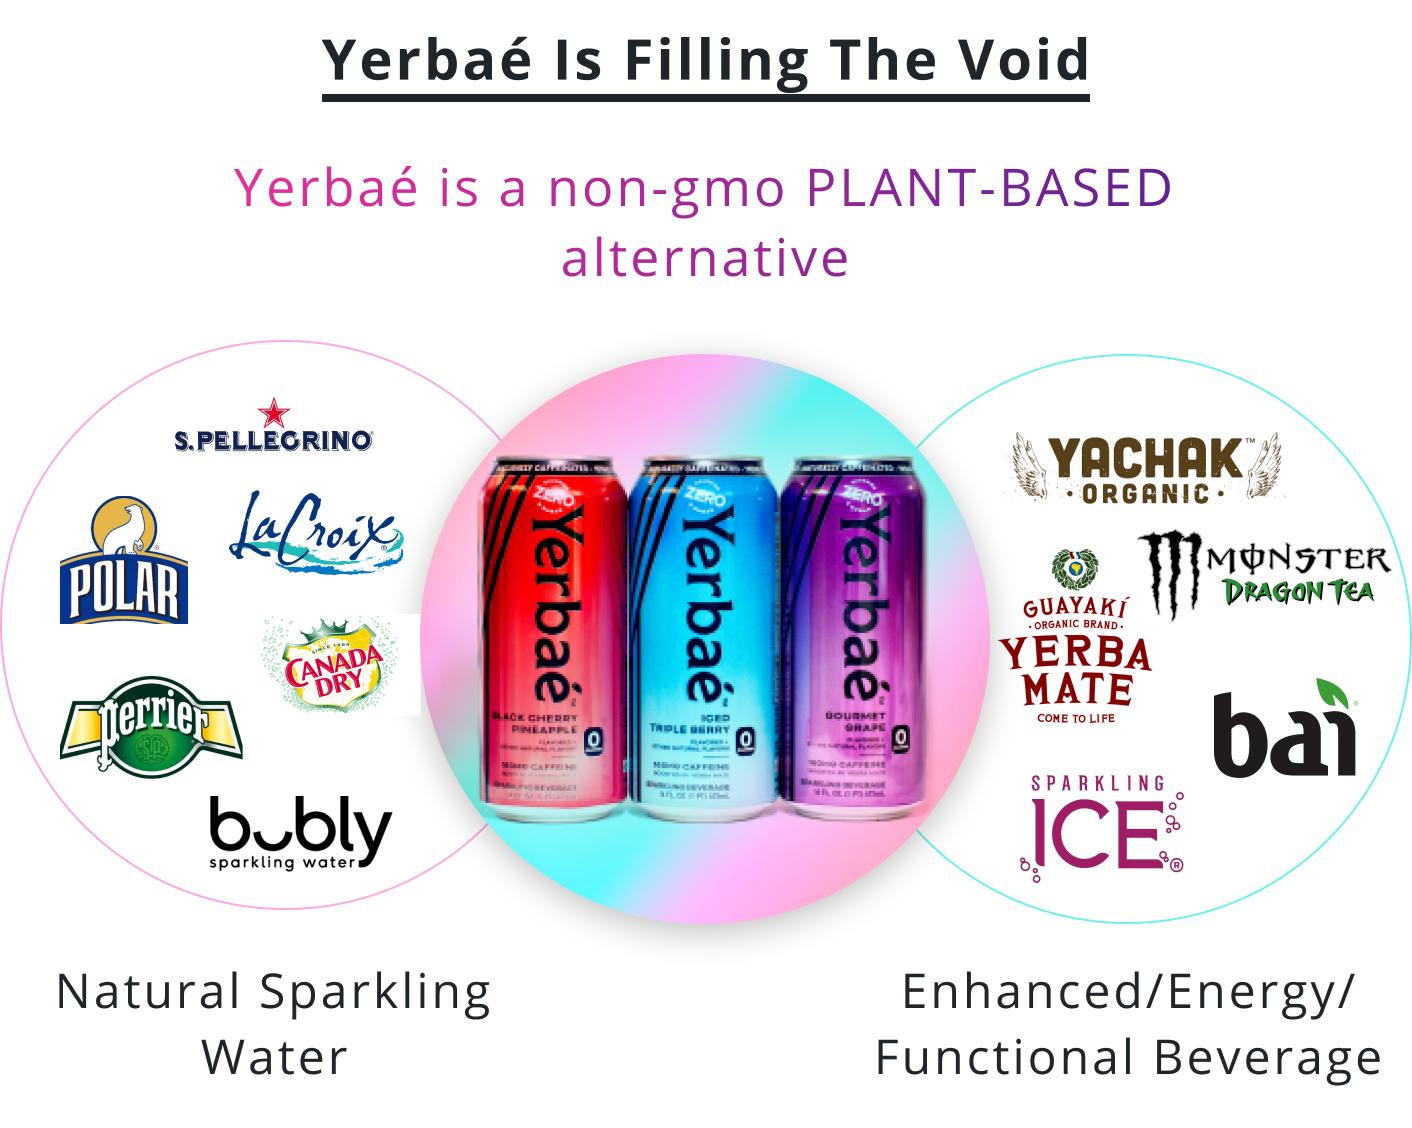 Yerbae is a non-gmo plant based alternative